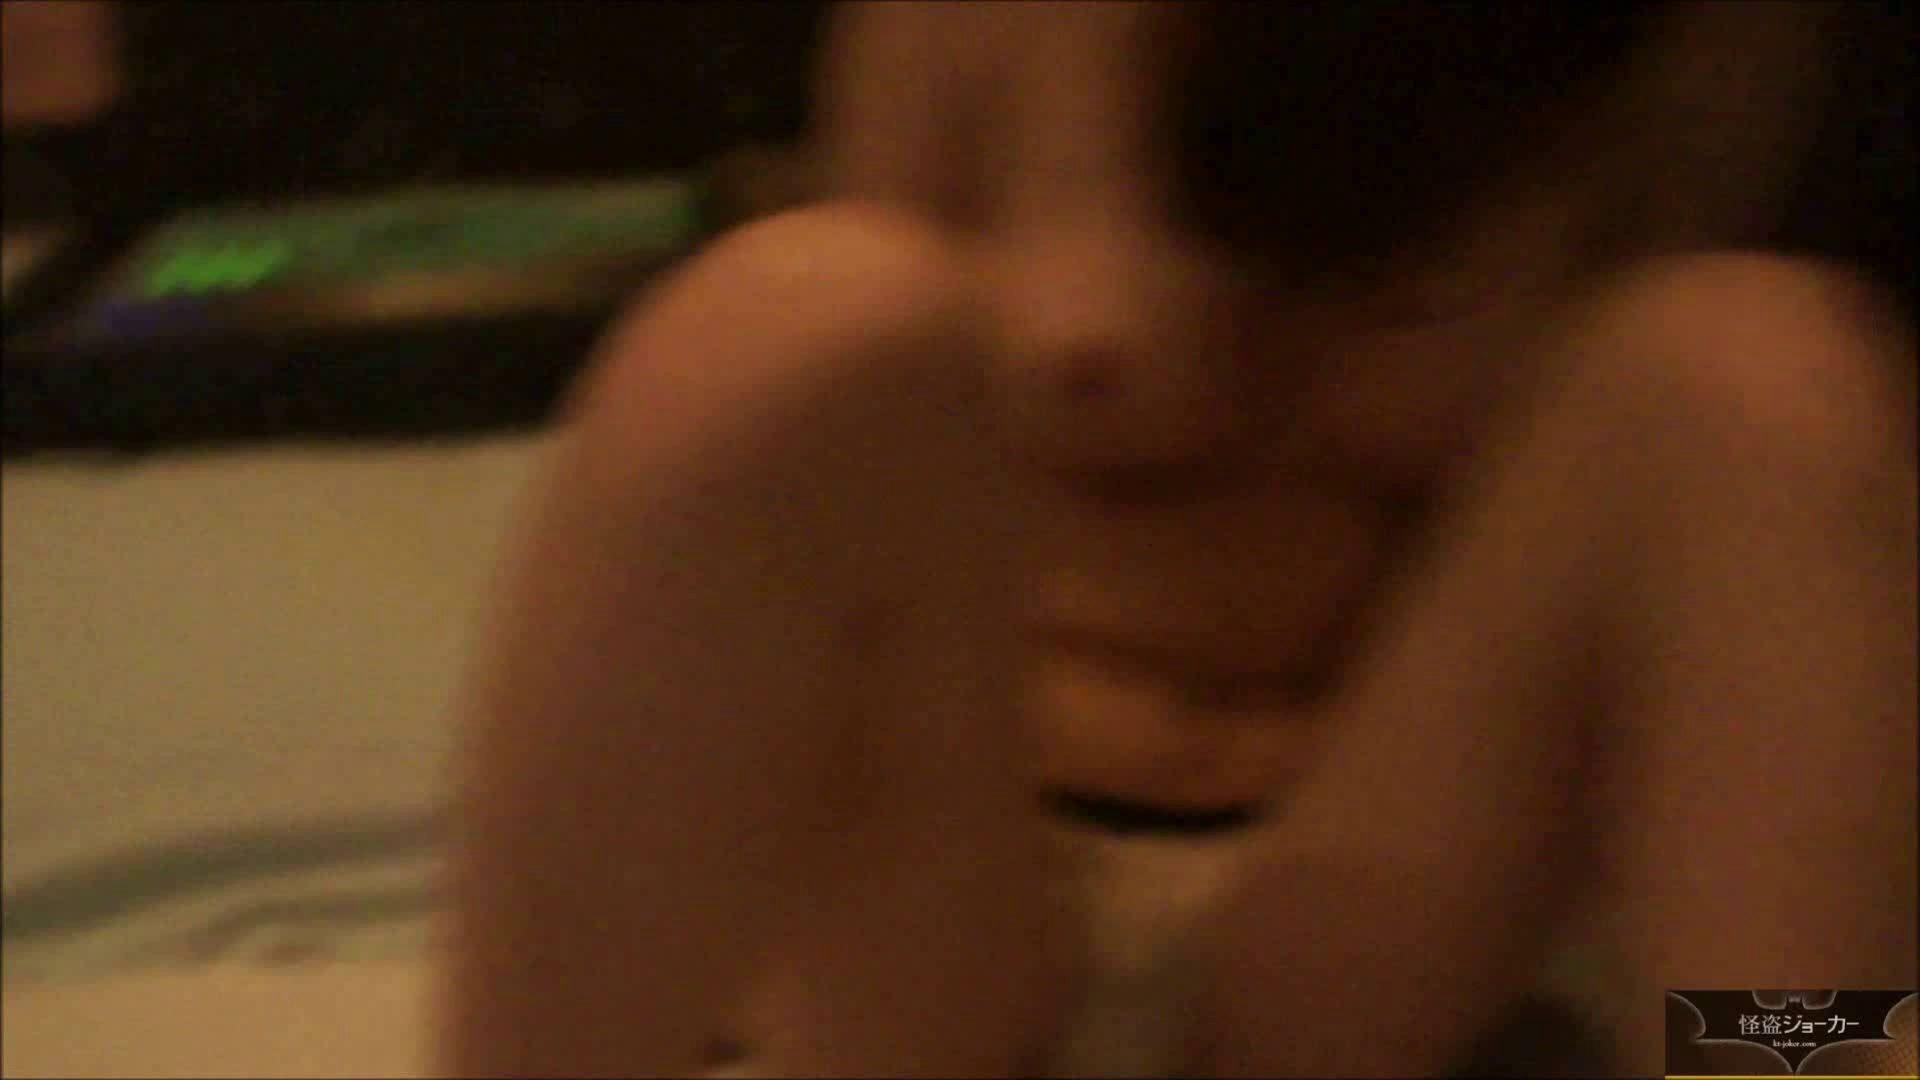 【未公開】vol.33 【援助】朋葉ちゃん、潮吹き、乱れ・・・ フェラ・シーン すけべAV動画紹介 79枚 28